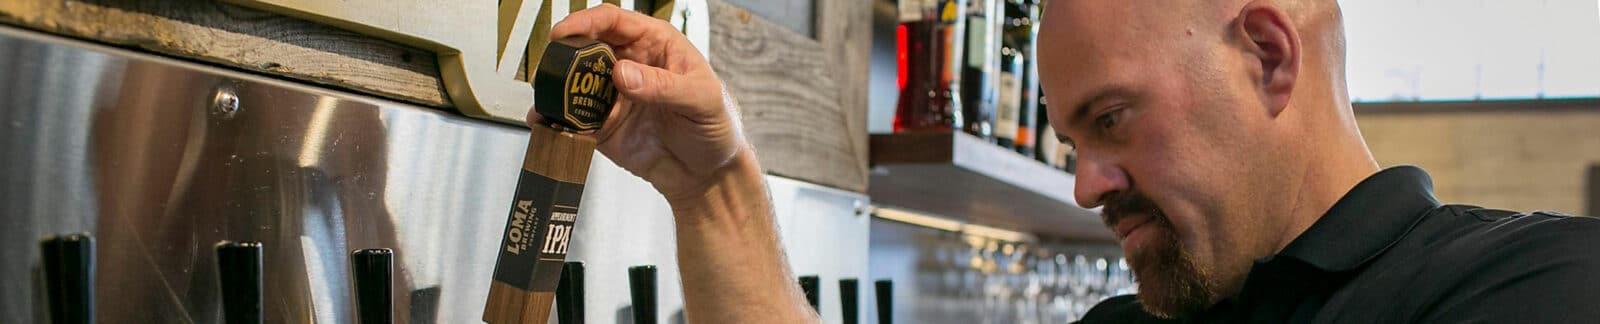 Kevin Youkilis Pouring Greek God of Hops Beer